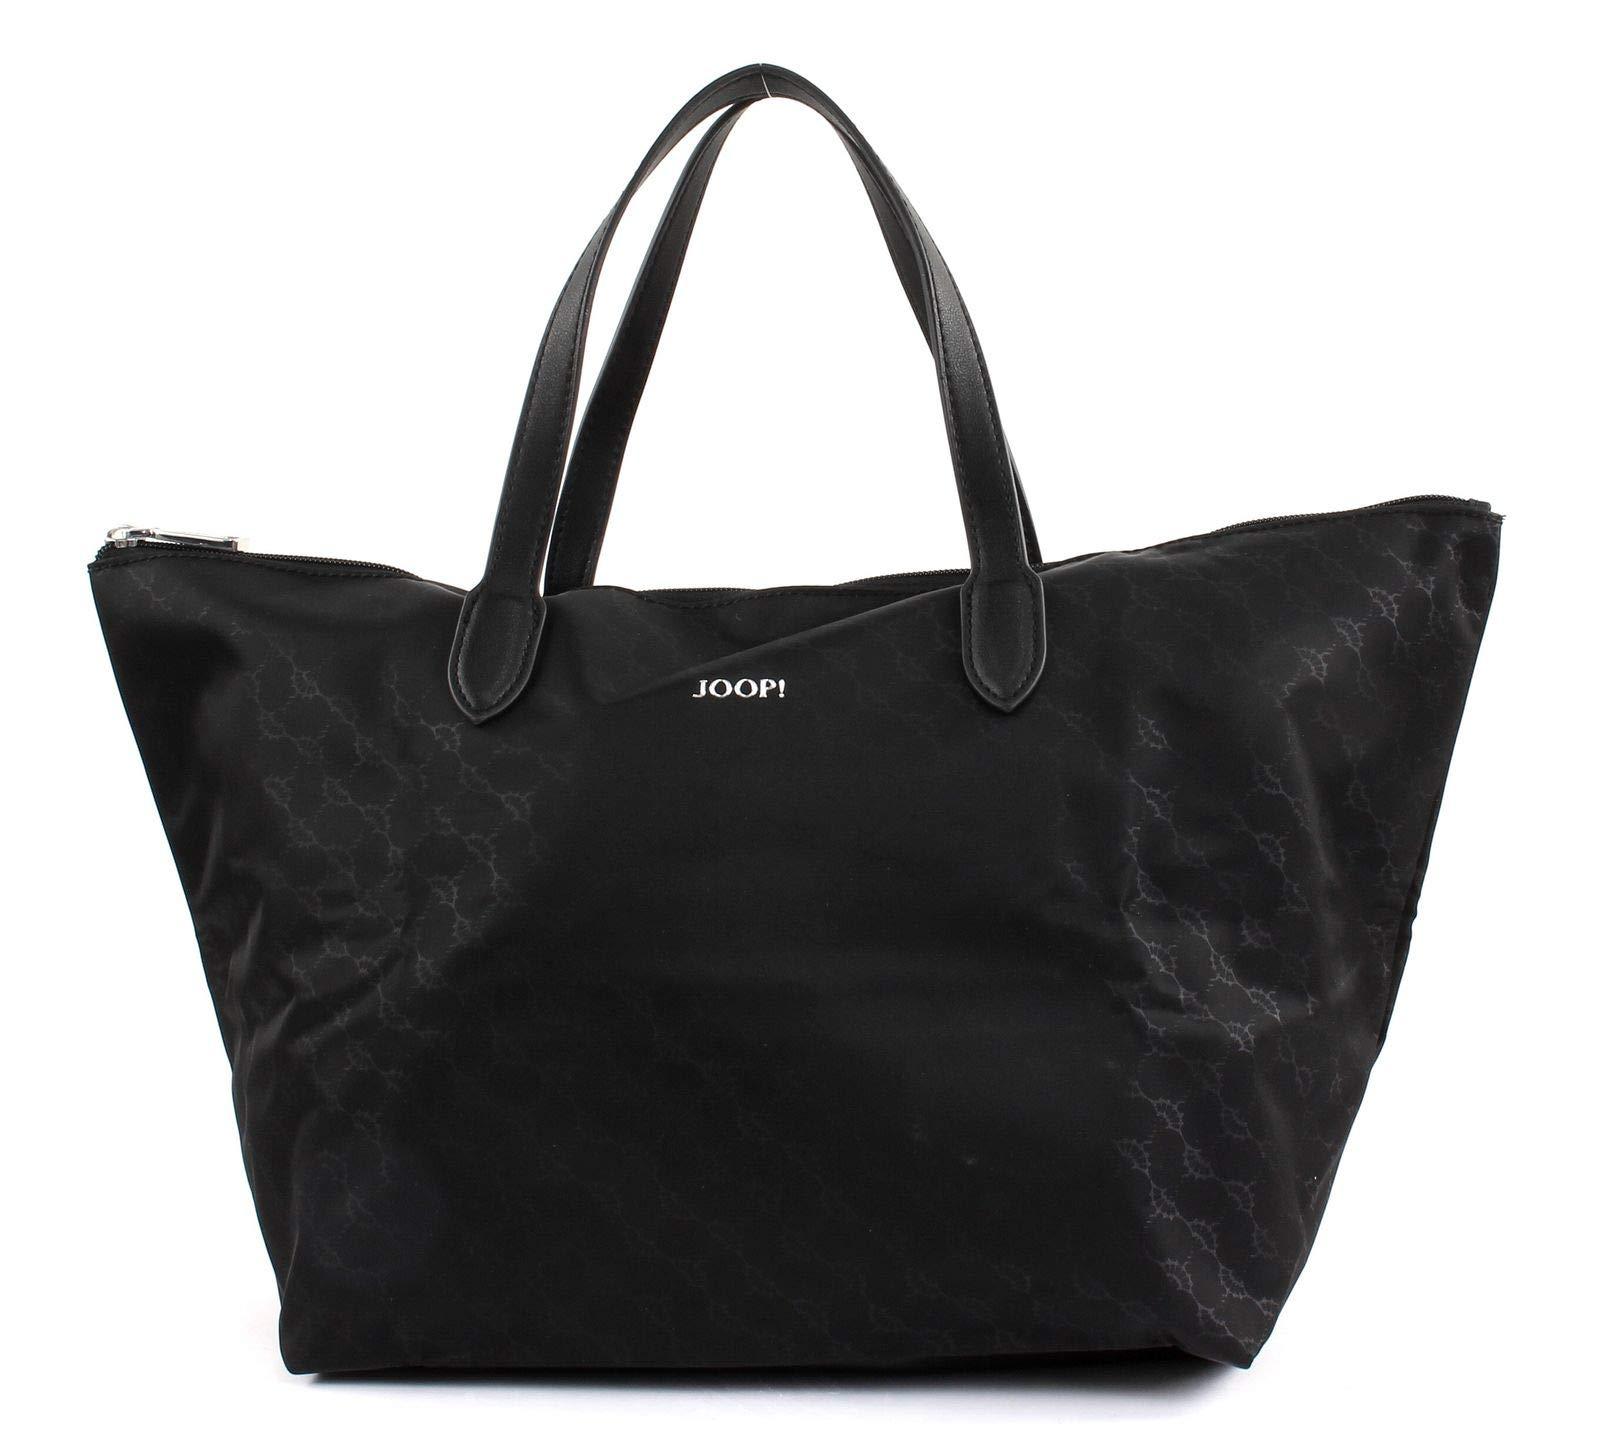 Handbag FemmeNoirblack20x28x48 Helena H L JoopPiccolina X LhzSac Cmw 3ARqLc54jS